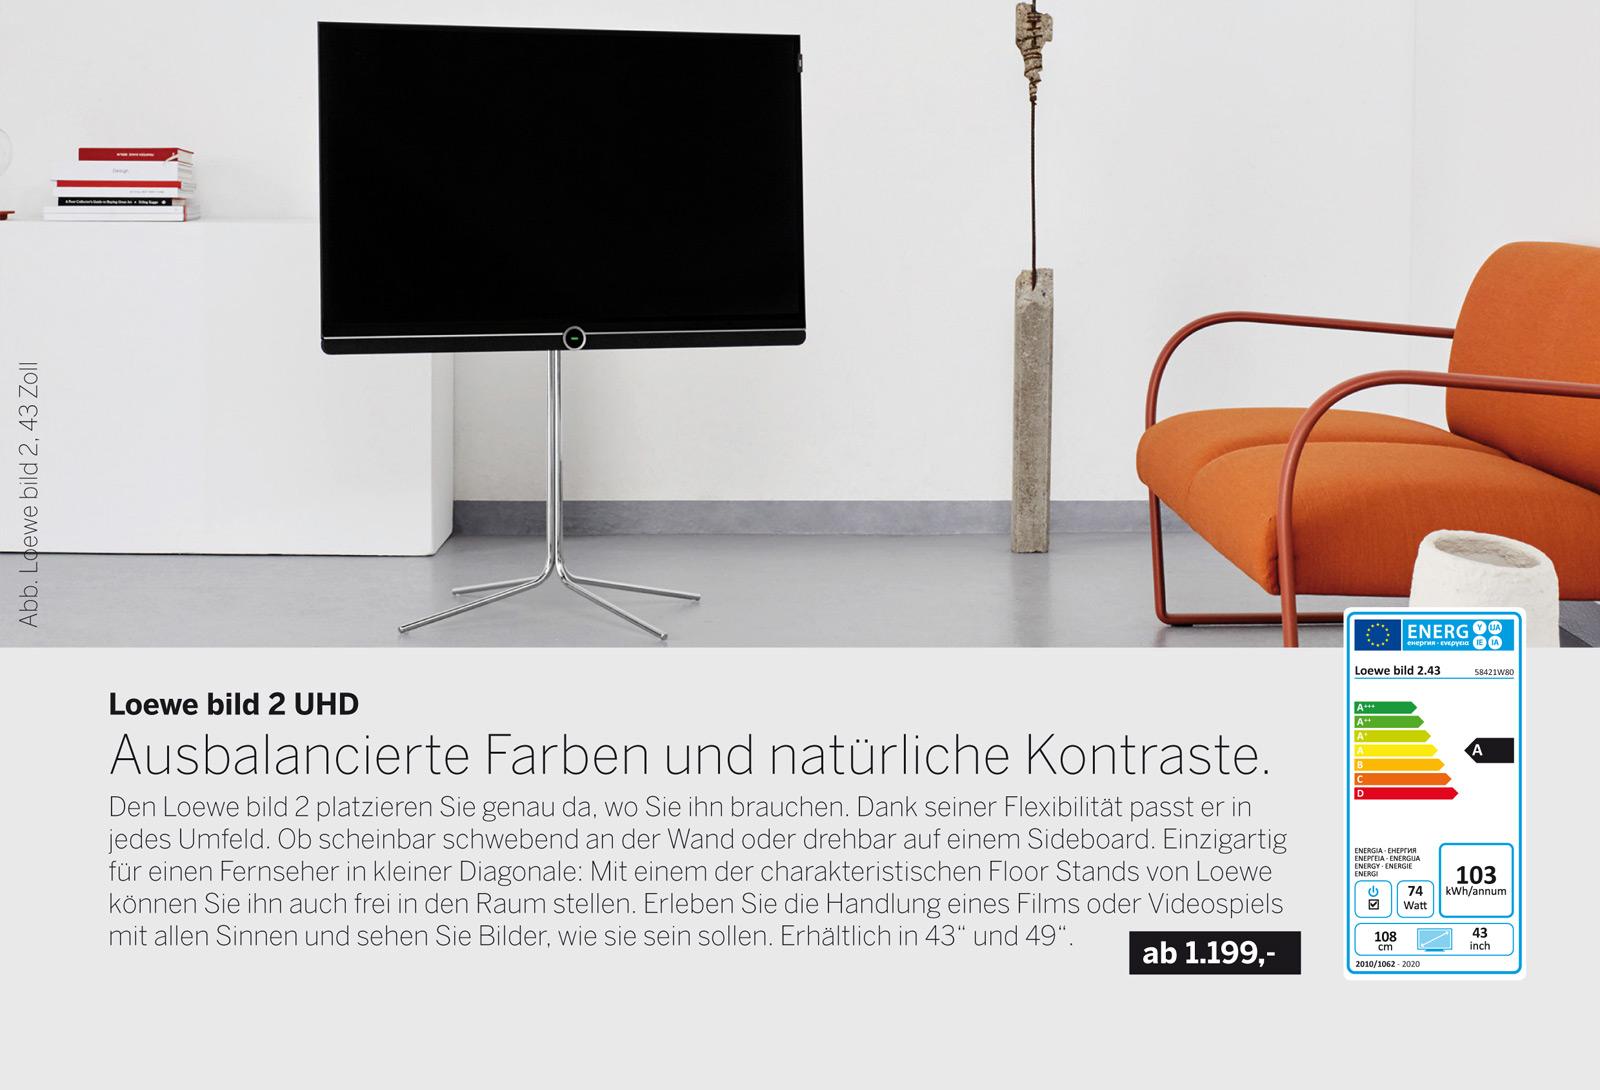 Loewe bild 2 UHD Fernseher. Brillante Bilder, authentische Farben, individualisierten Sound, Multimedia-Streaming in Perfektion & flexible Aufstelllösungen.